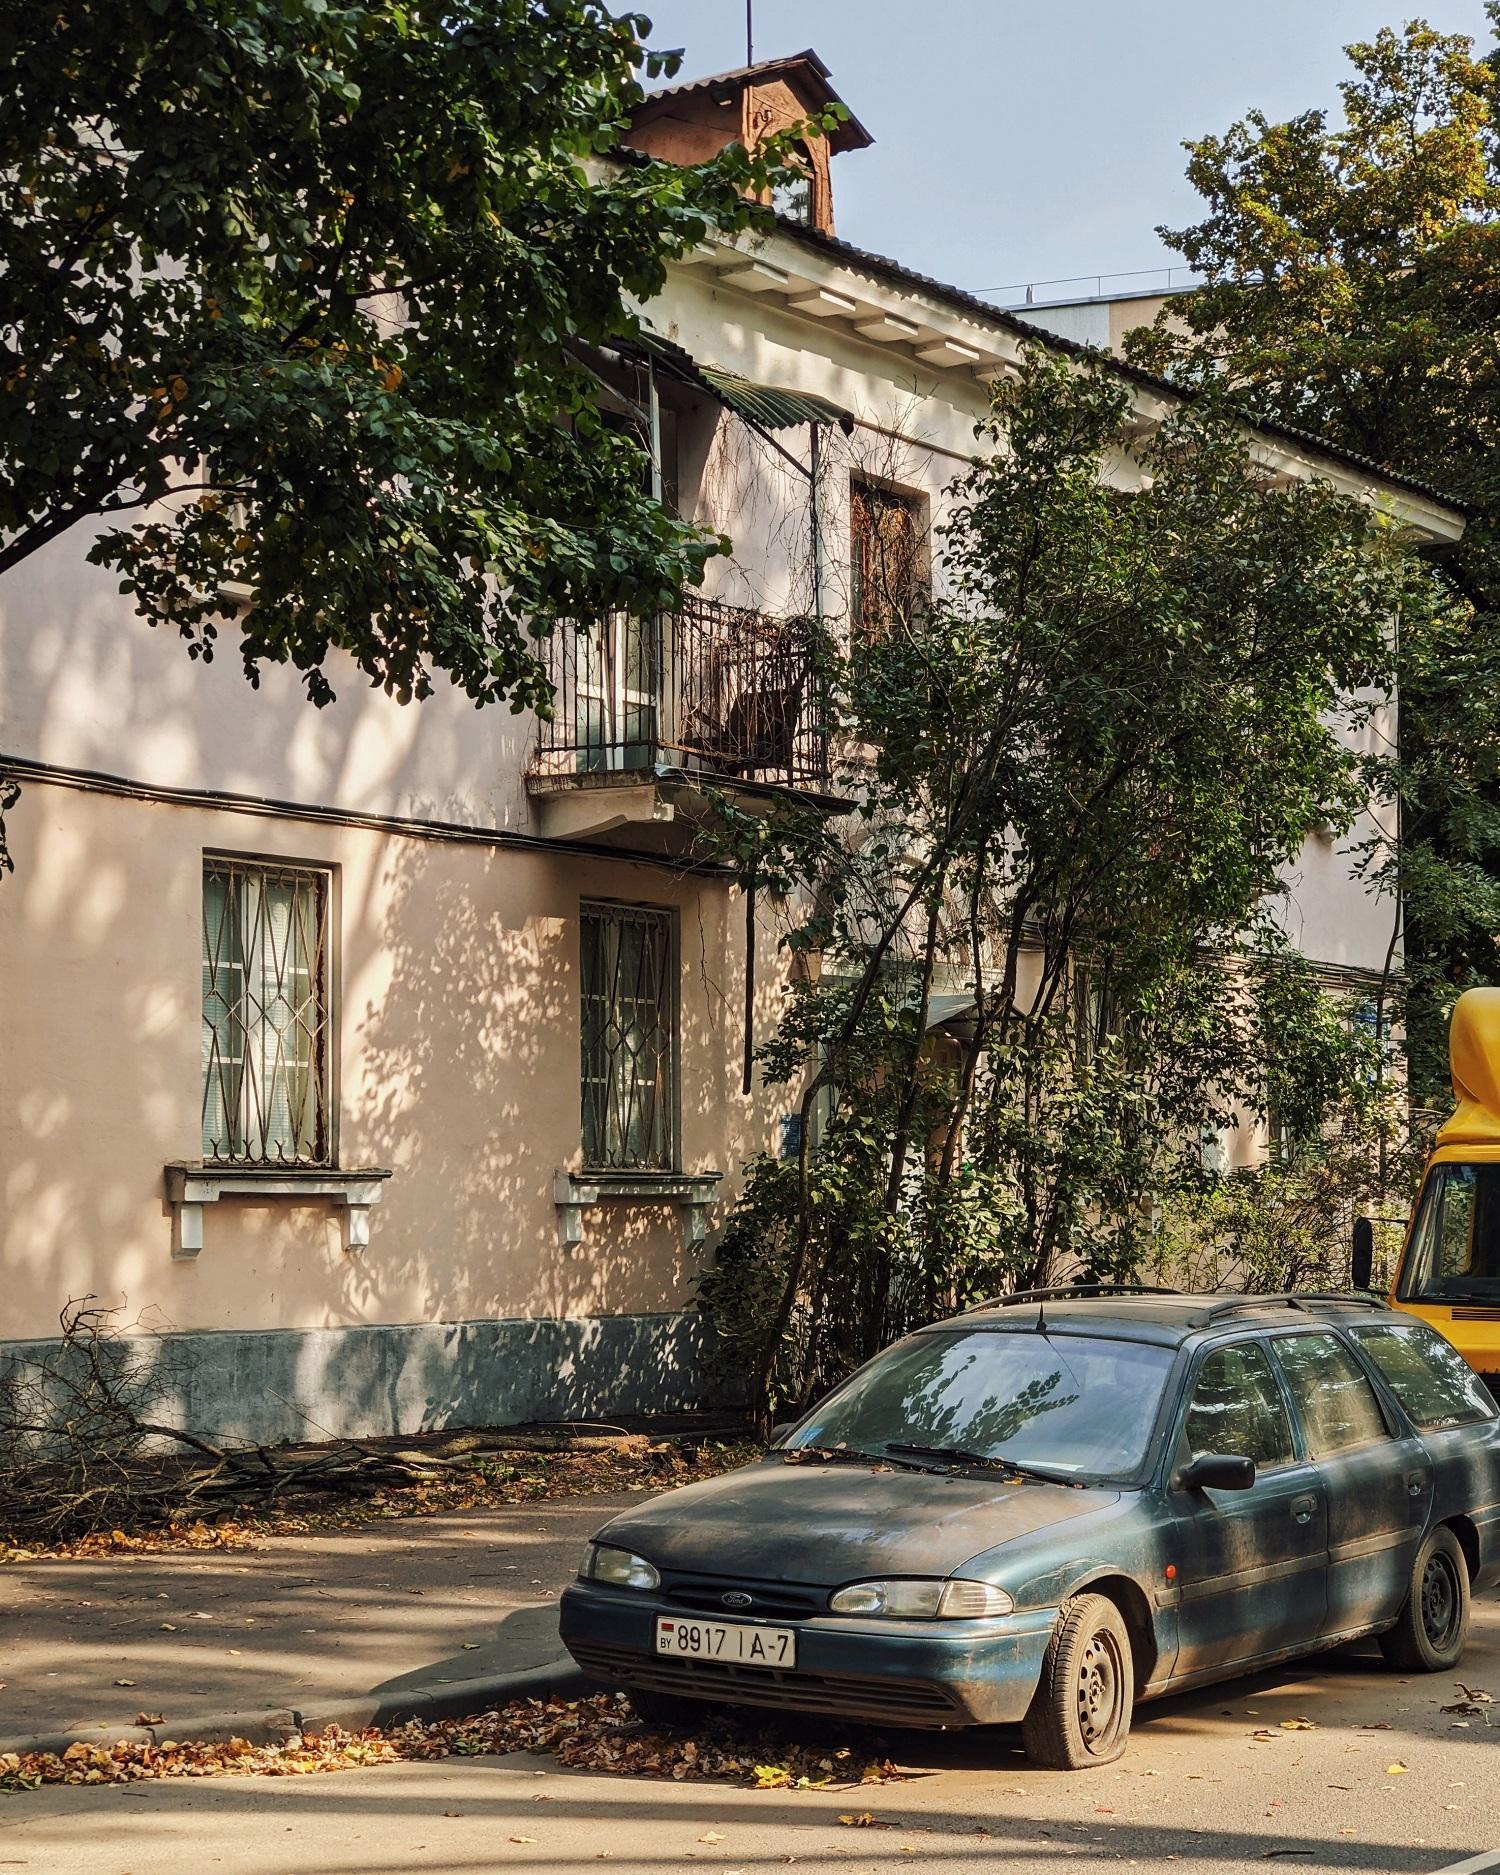 Краснозвездная улица. Самые фотогеничные локации Минска